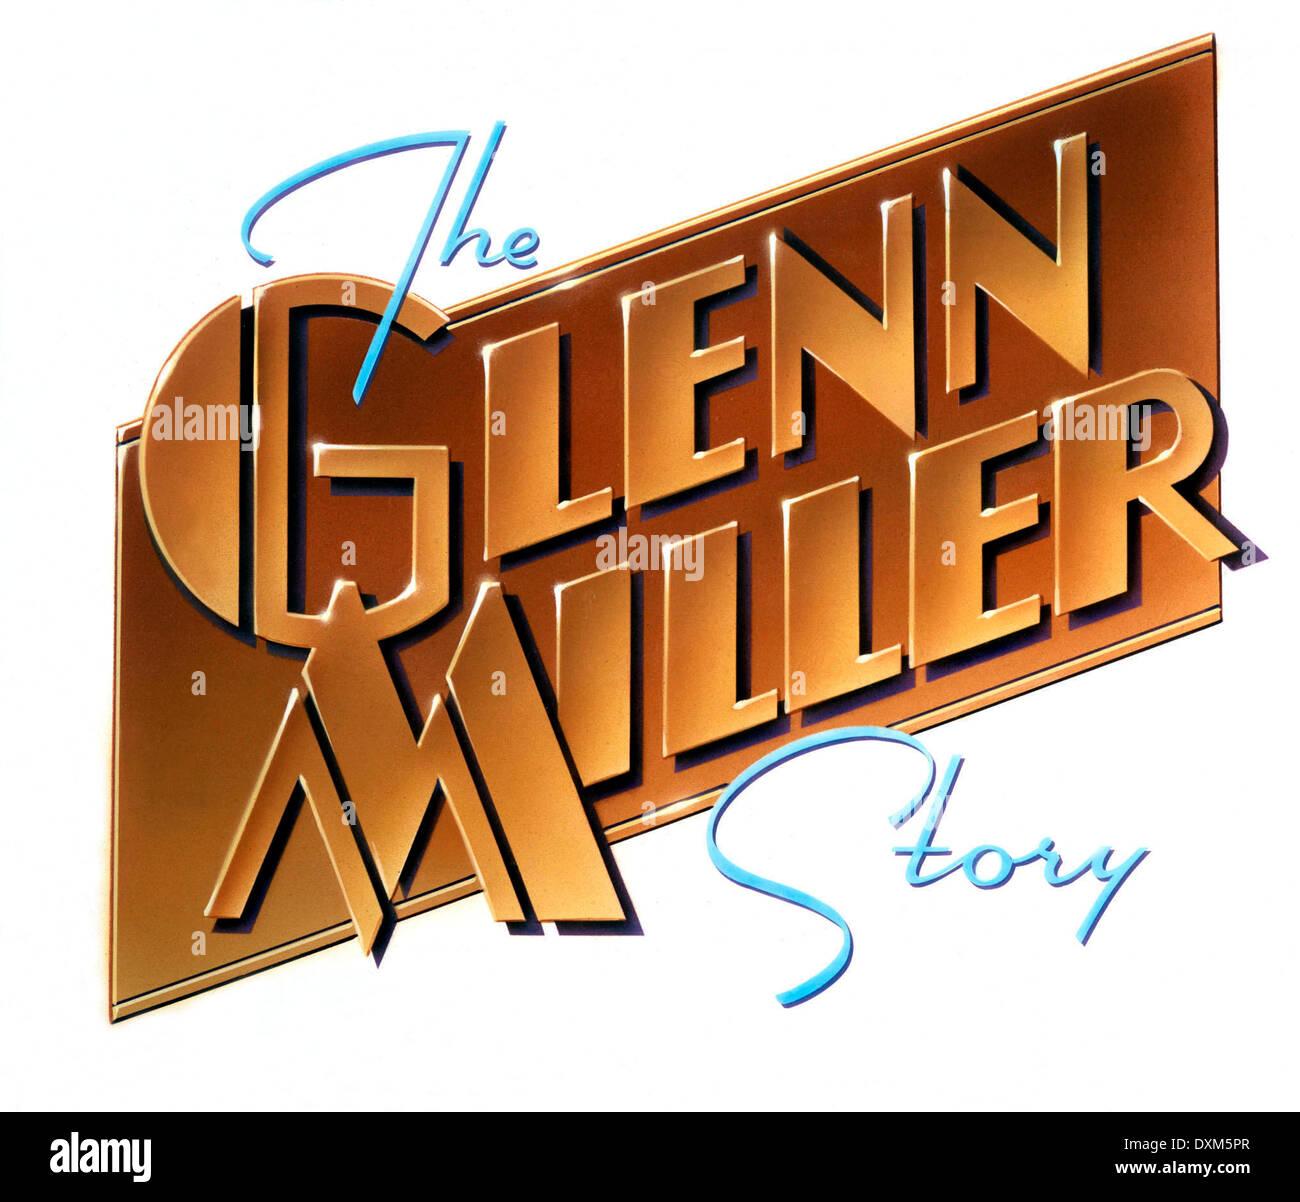 THE GLENN MILLER STORY - Stock Image